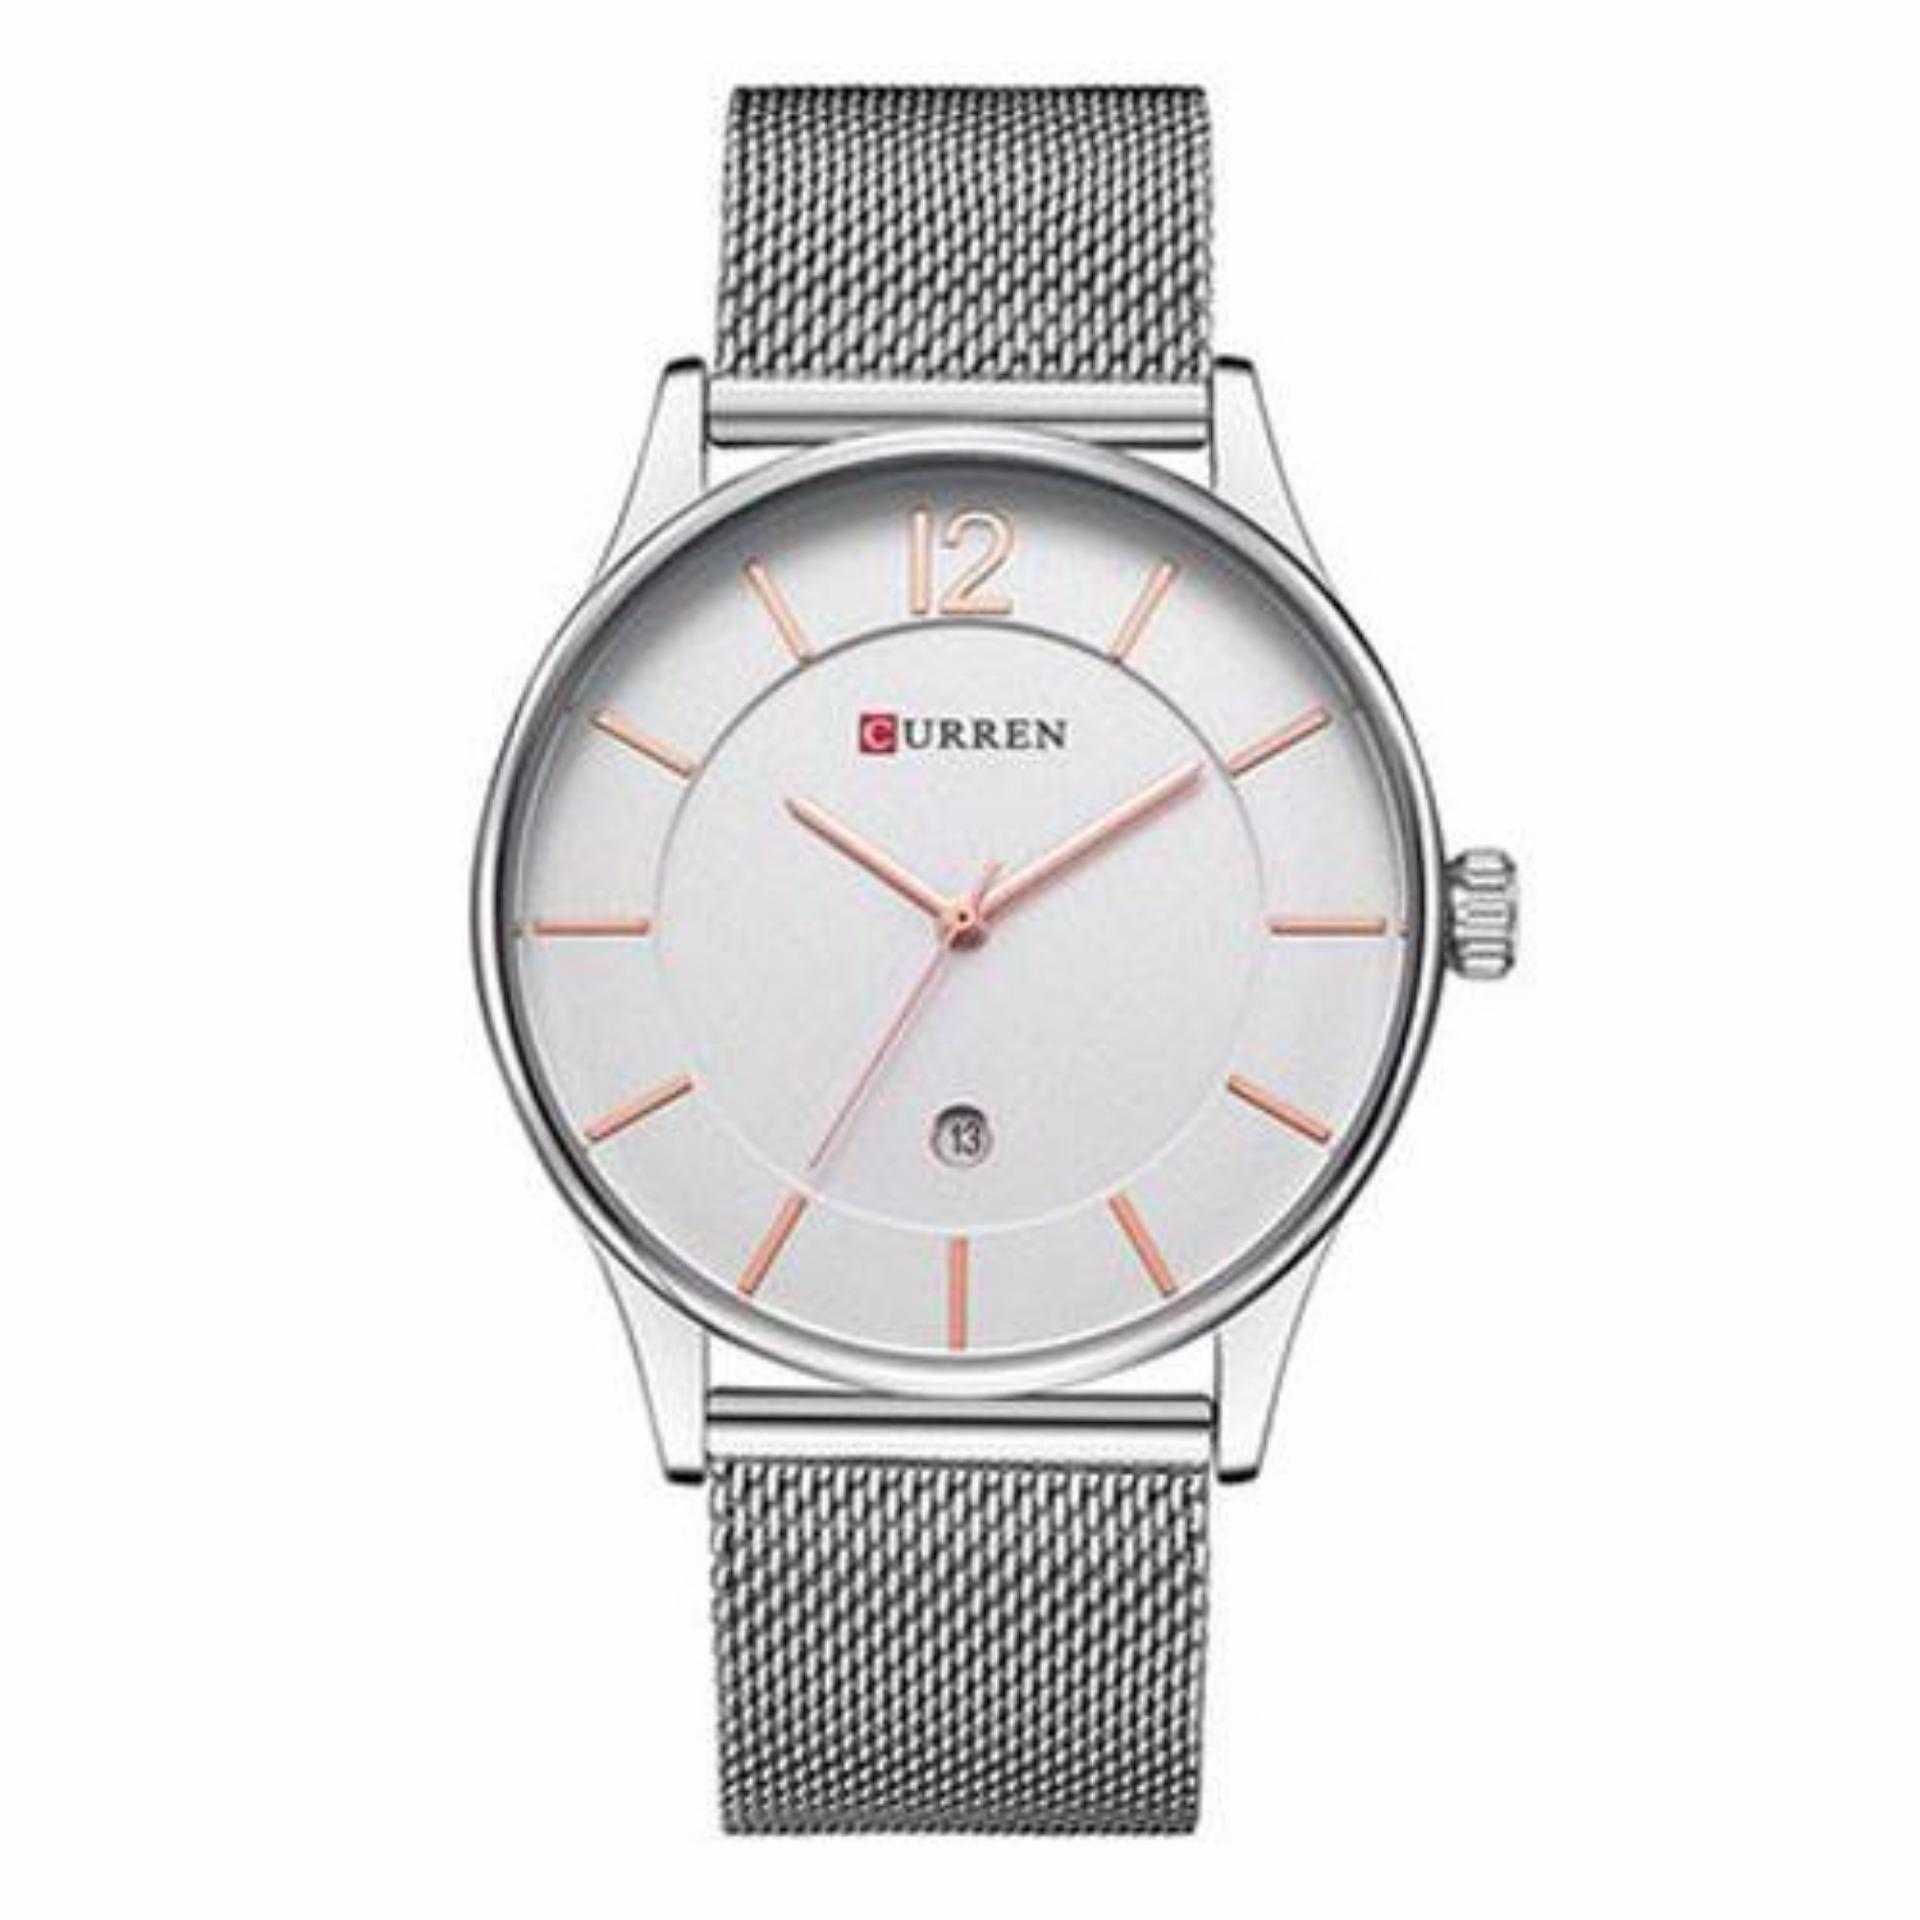 Bảng Giá Đồng hồ nam Curren 8231 dây trắng mặt trắng